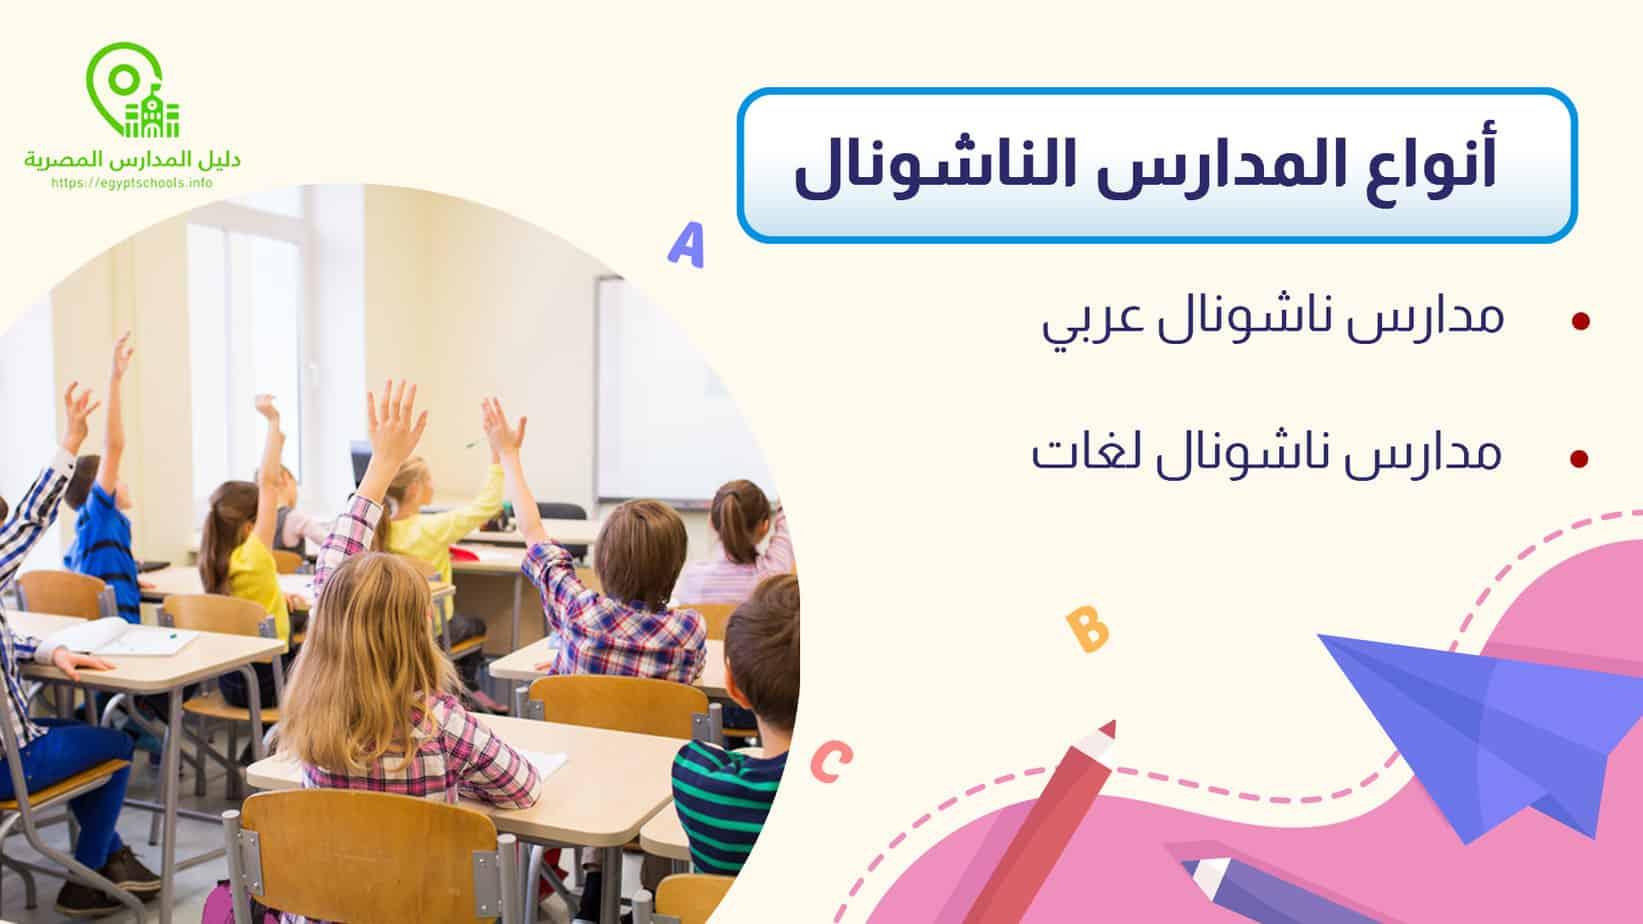 أنواع المدارس الناشونال في مصر